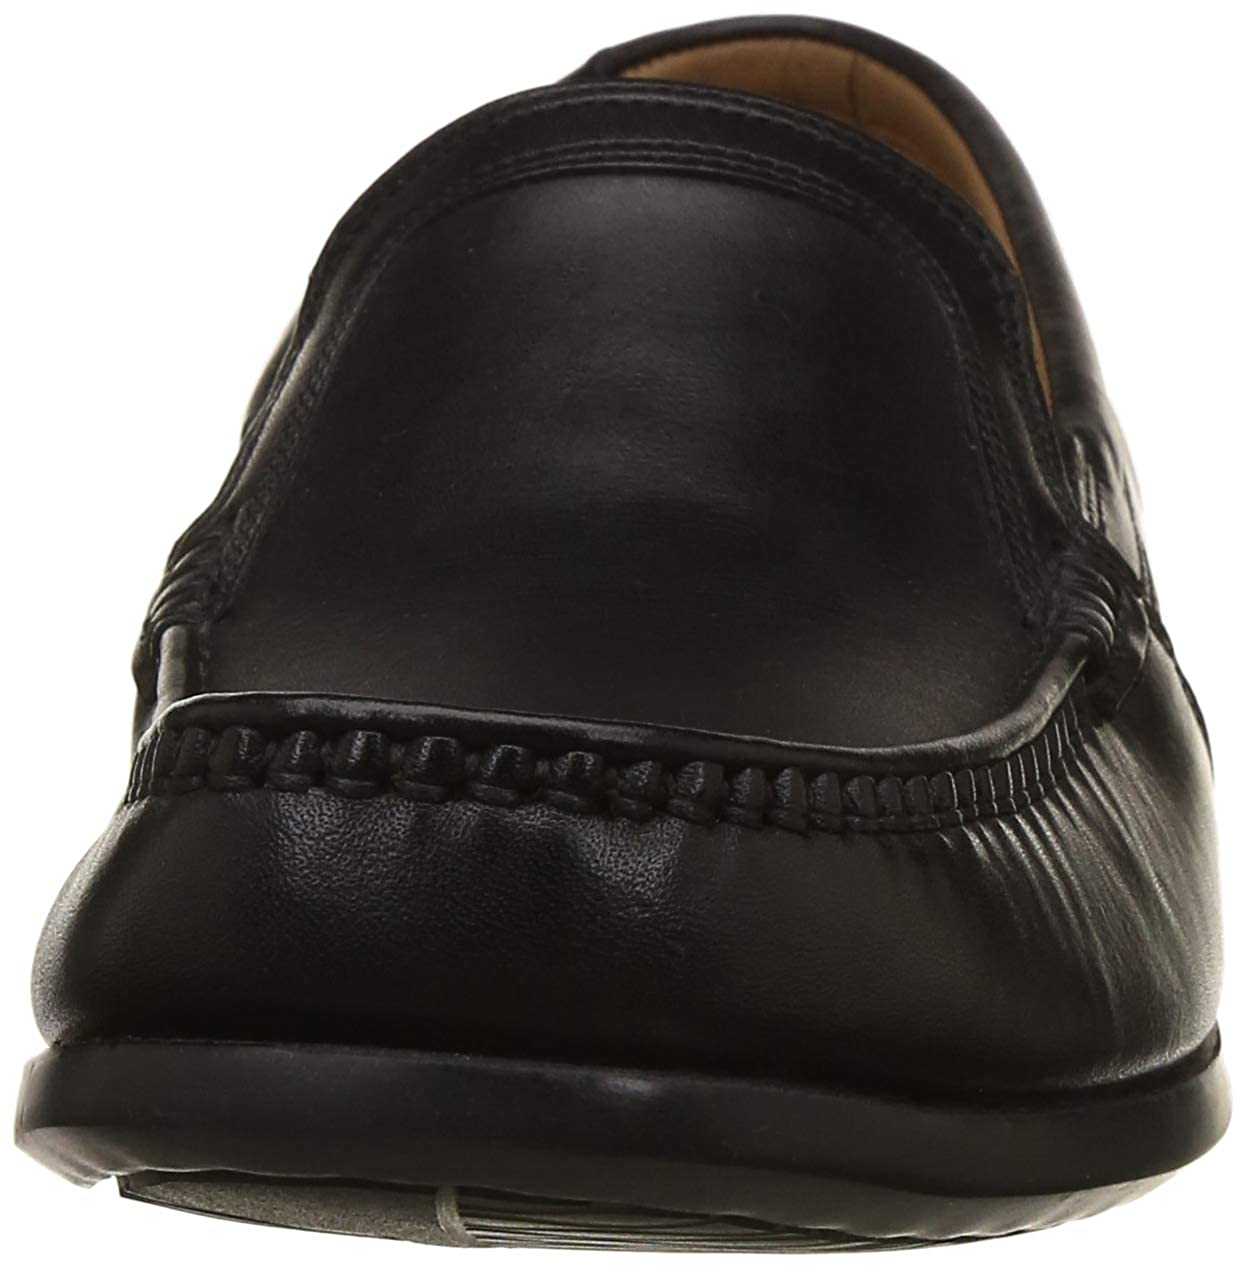 Para Cuña Zapatos Clarks Piel Sandalias Con Hombre De q3Rj54AL